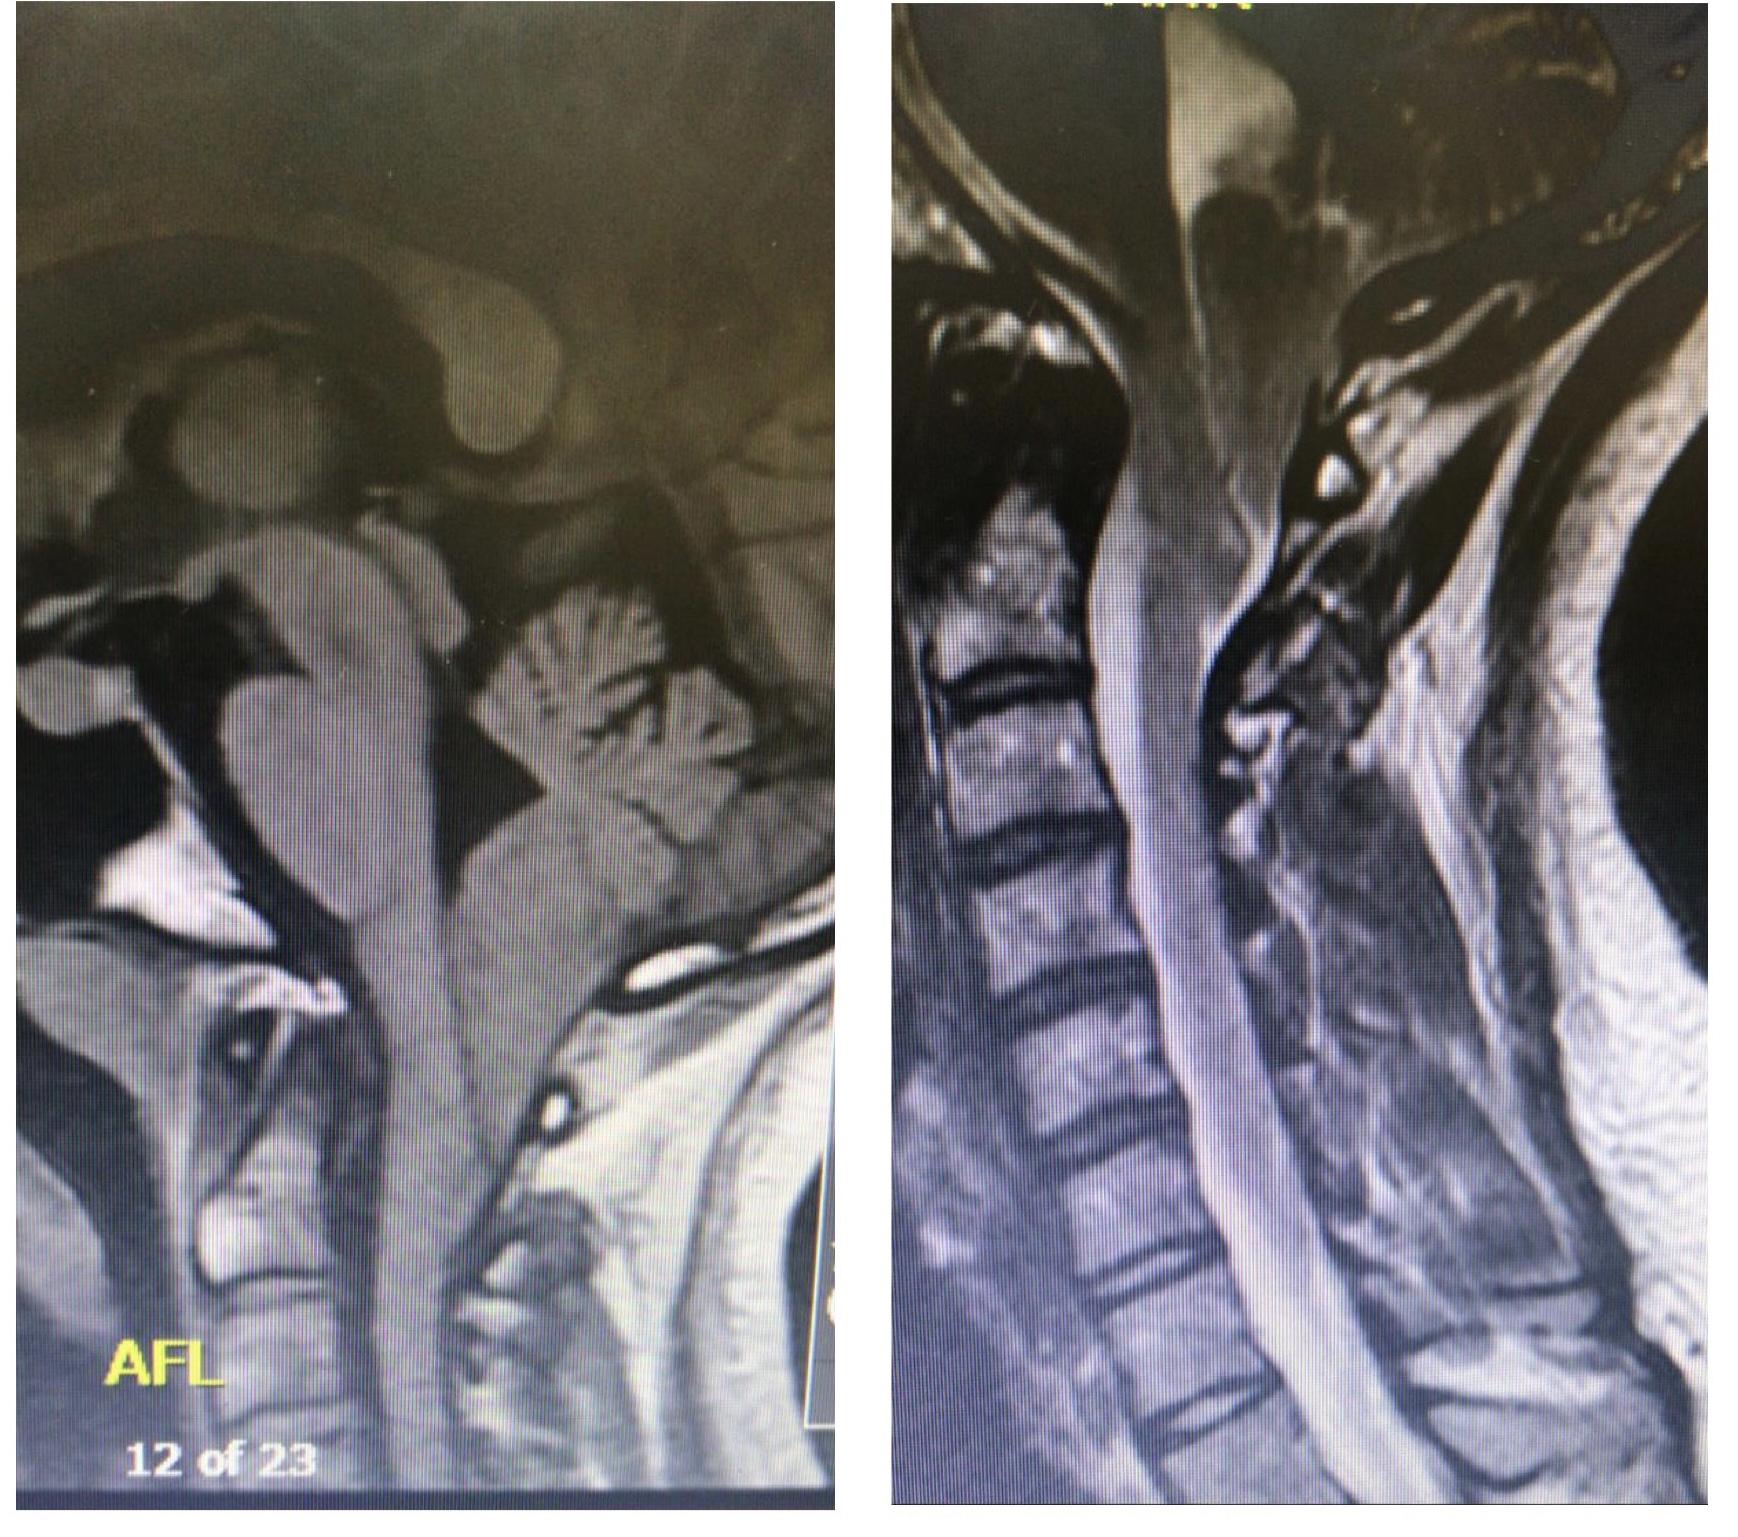 مريضة تستعيد النطق وتوازن المشي بعد تدخل جراحي بمستشفى بريدة المركزي